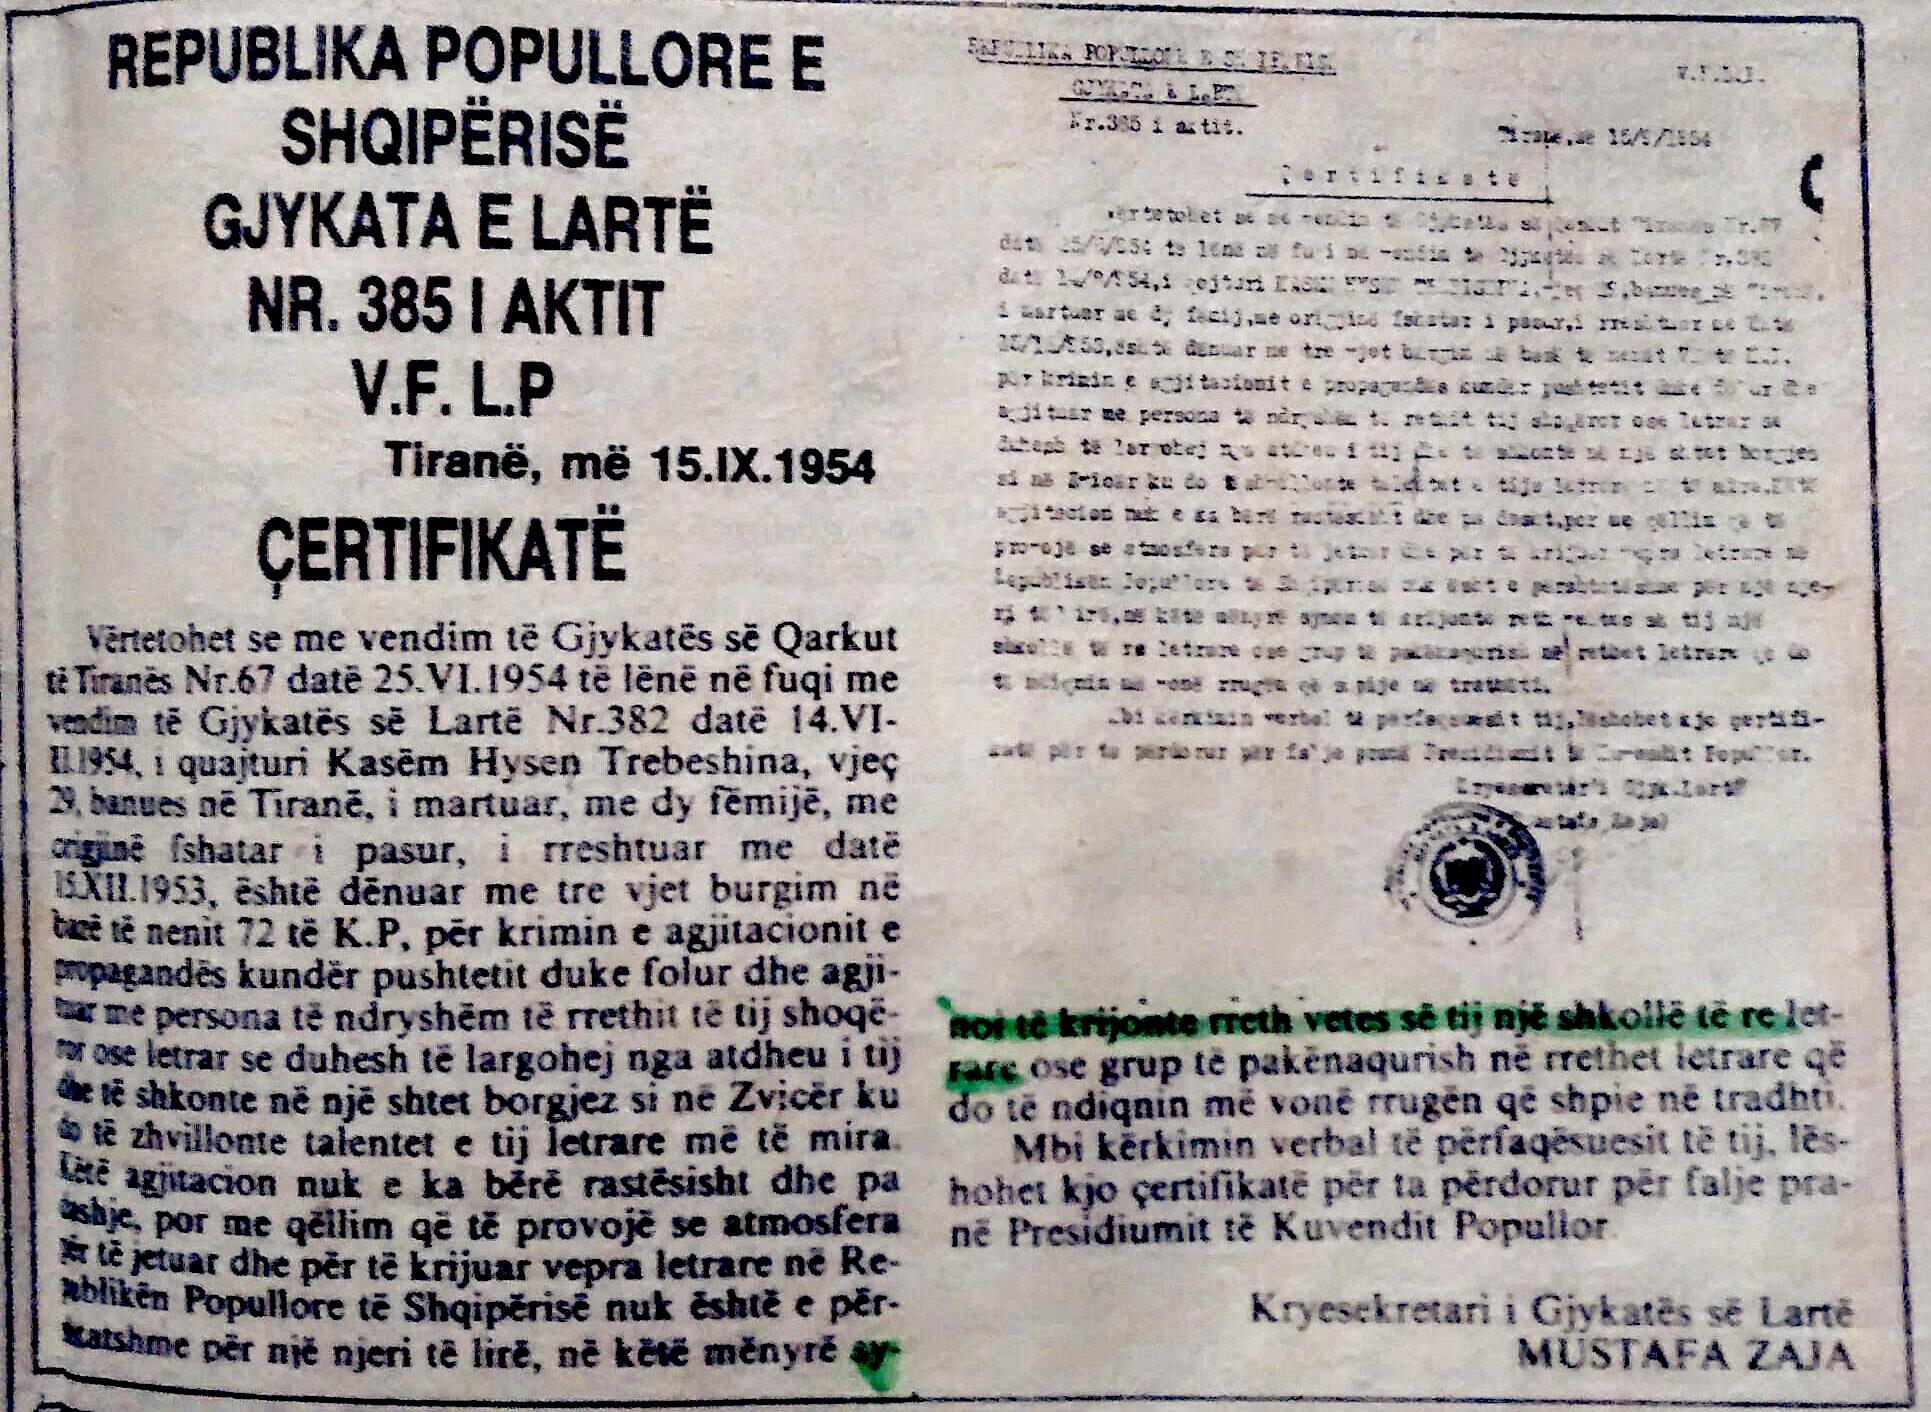 çertifikate lëshuar Kasem Trebeshinës